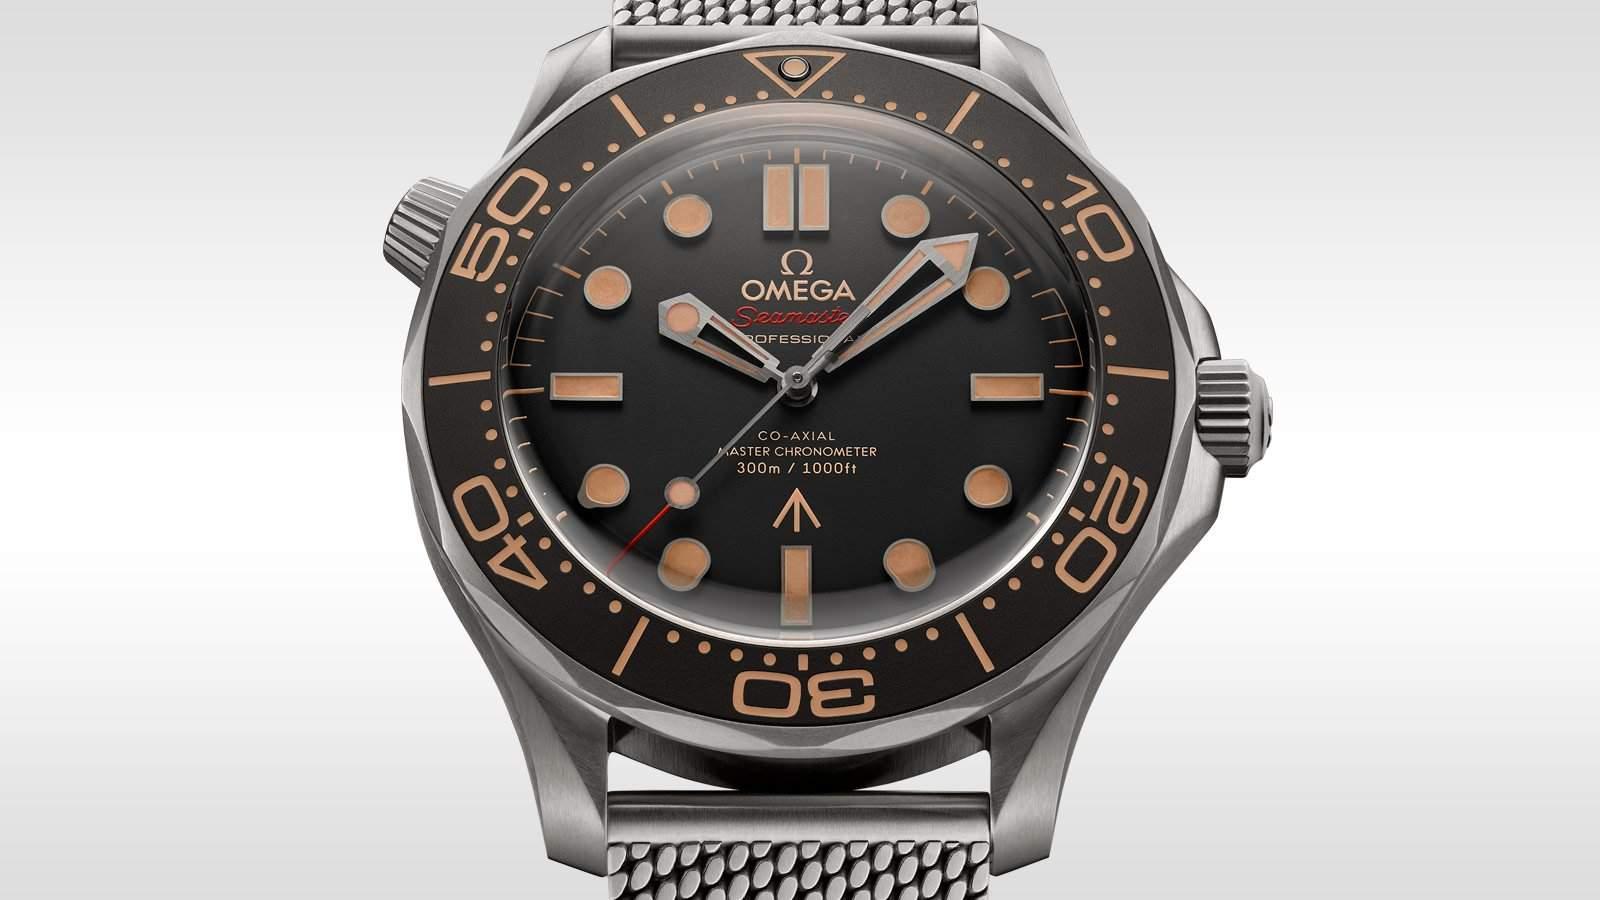 Omega Seamster Diver 300m close